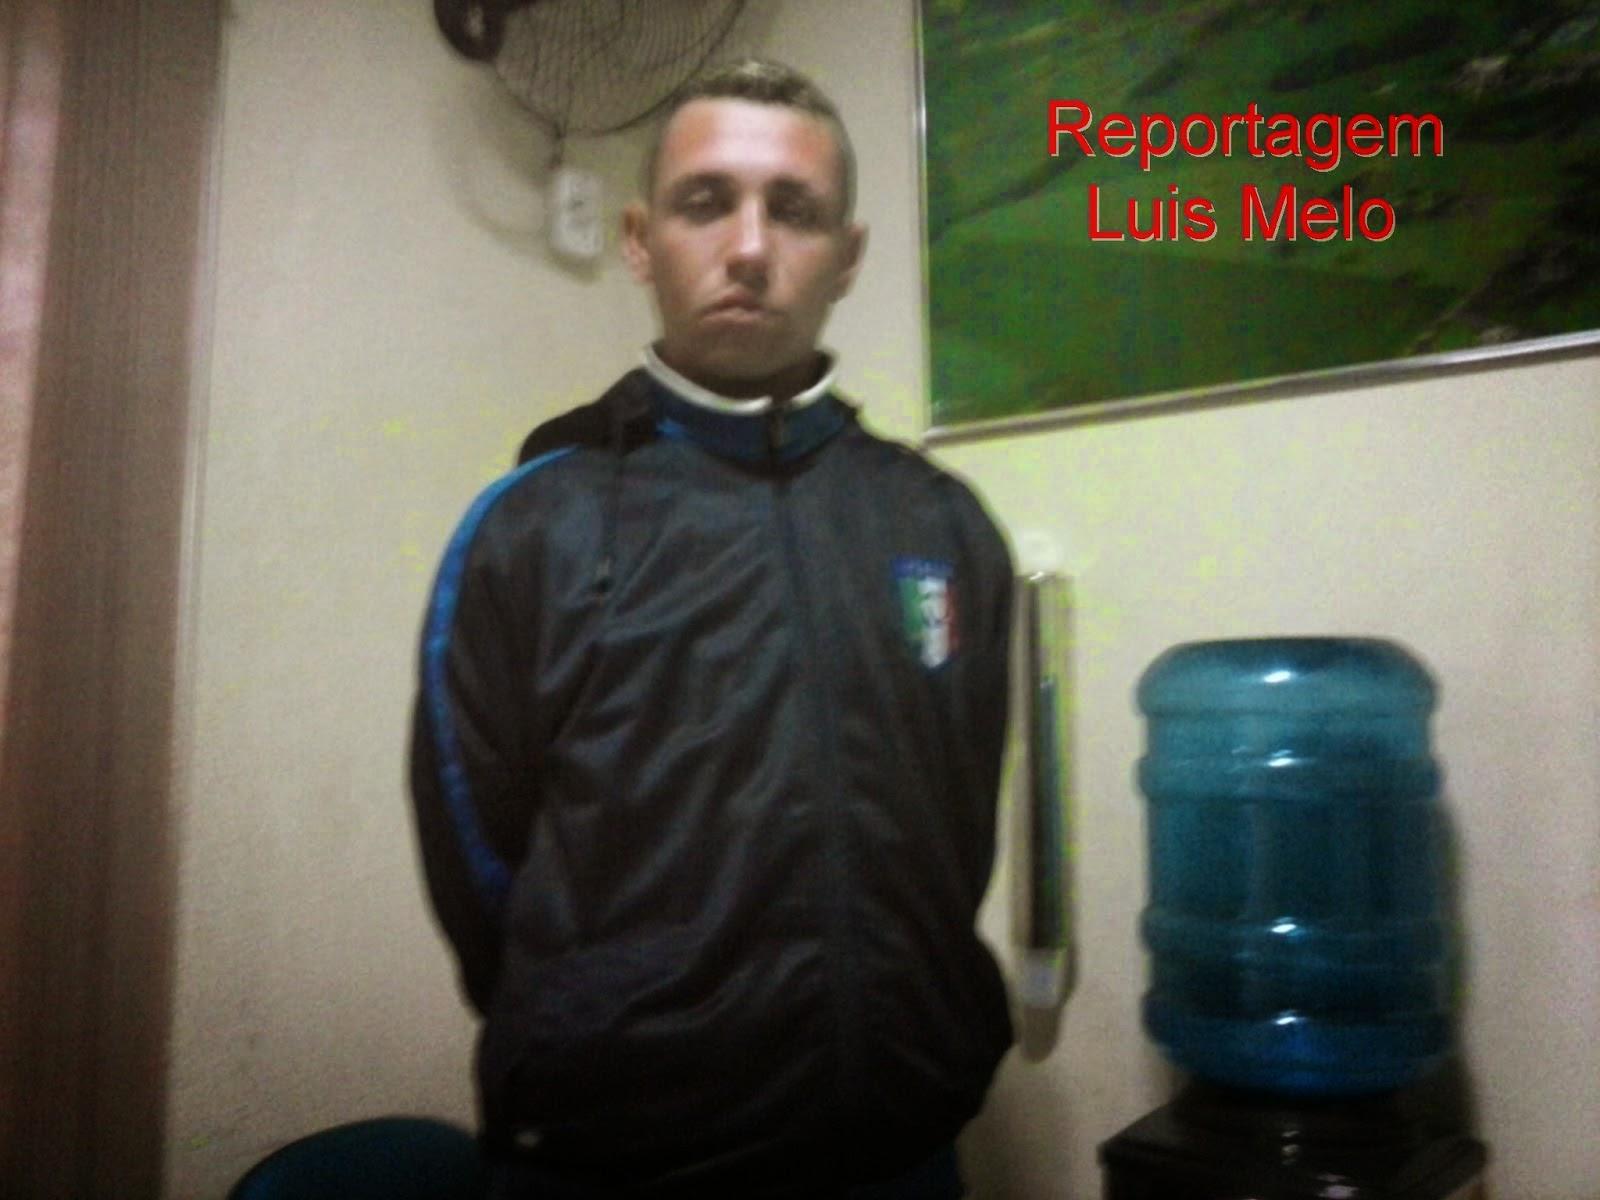 POLICIA MILITAR DE SABÁUDIA RECUPERA S10 ROUBADA EM LONDRINA